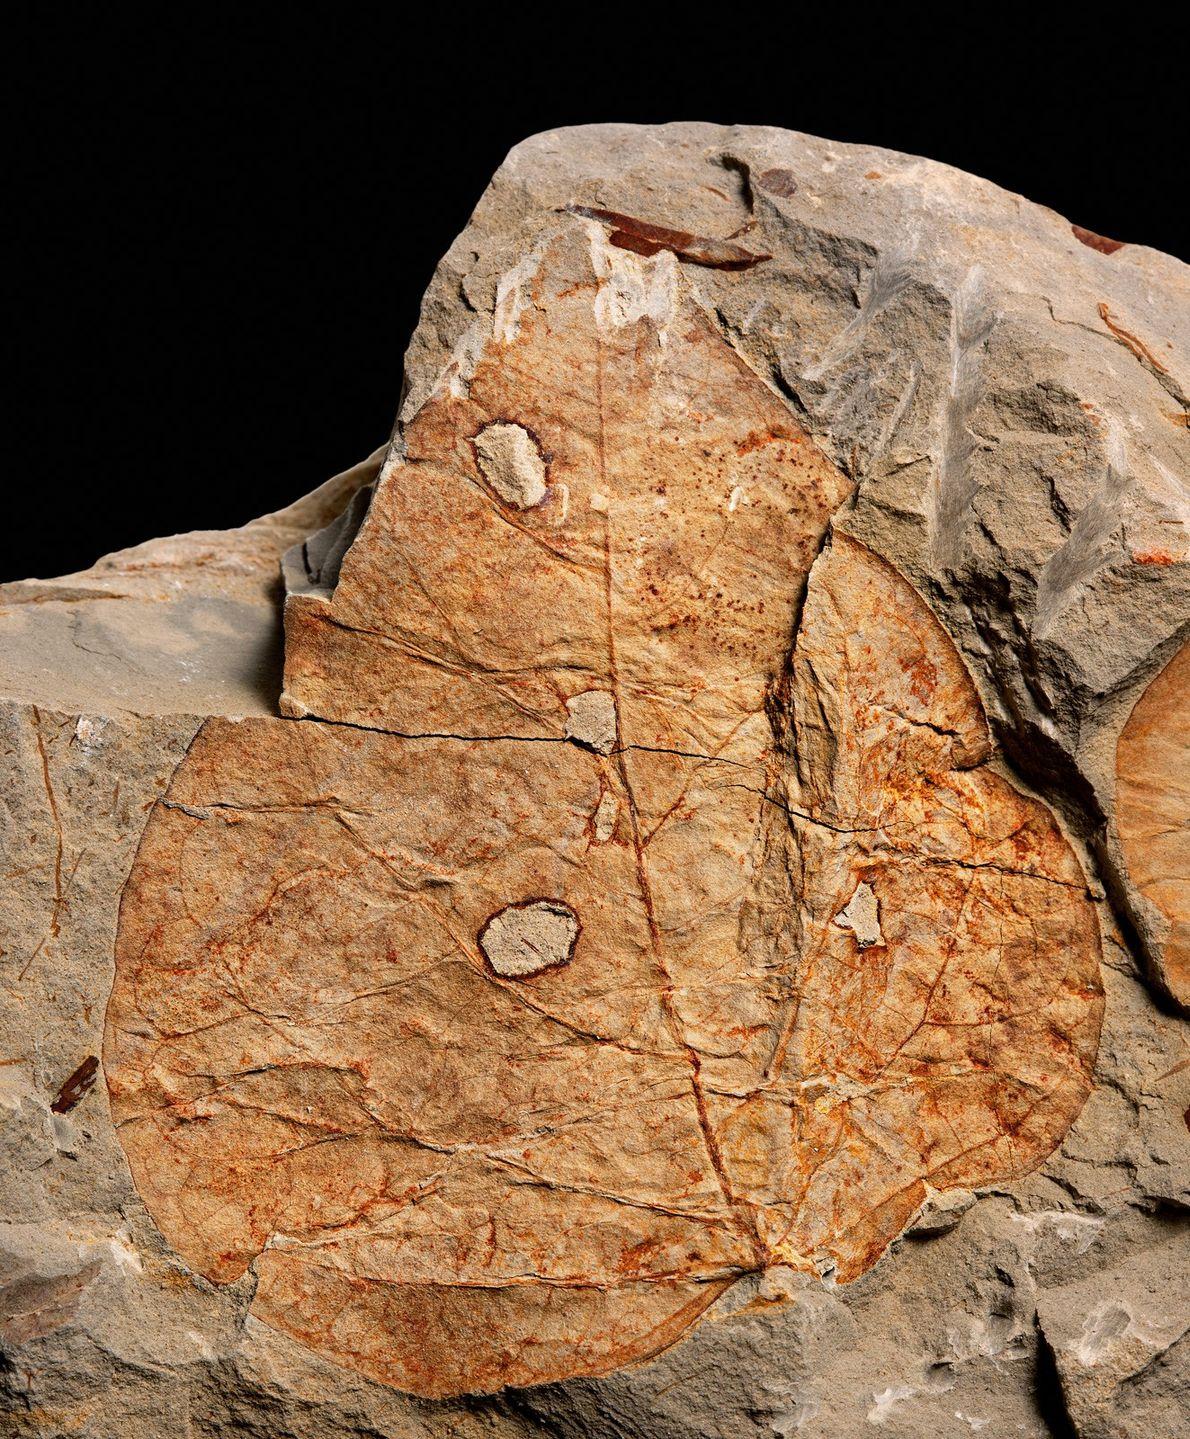 Les trous dans les feuilles fossilisées comme celle-ci indiquent que les insectes dans le bassin de ...